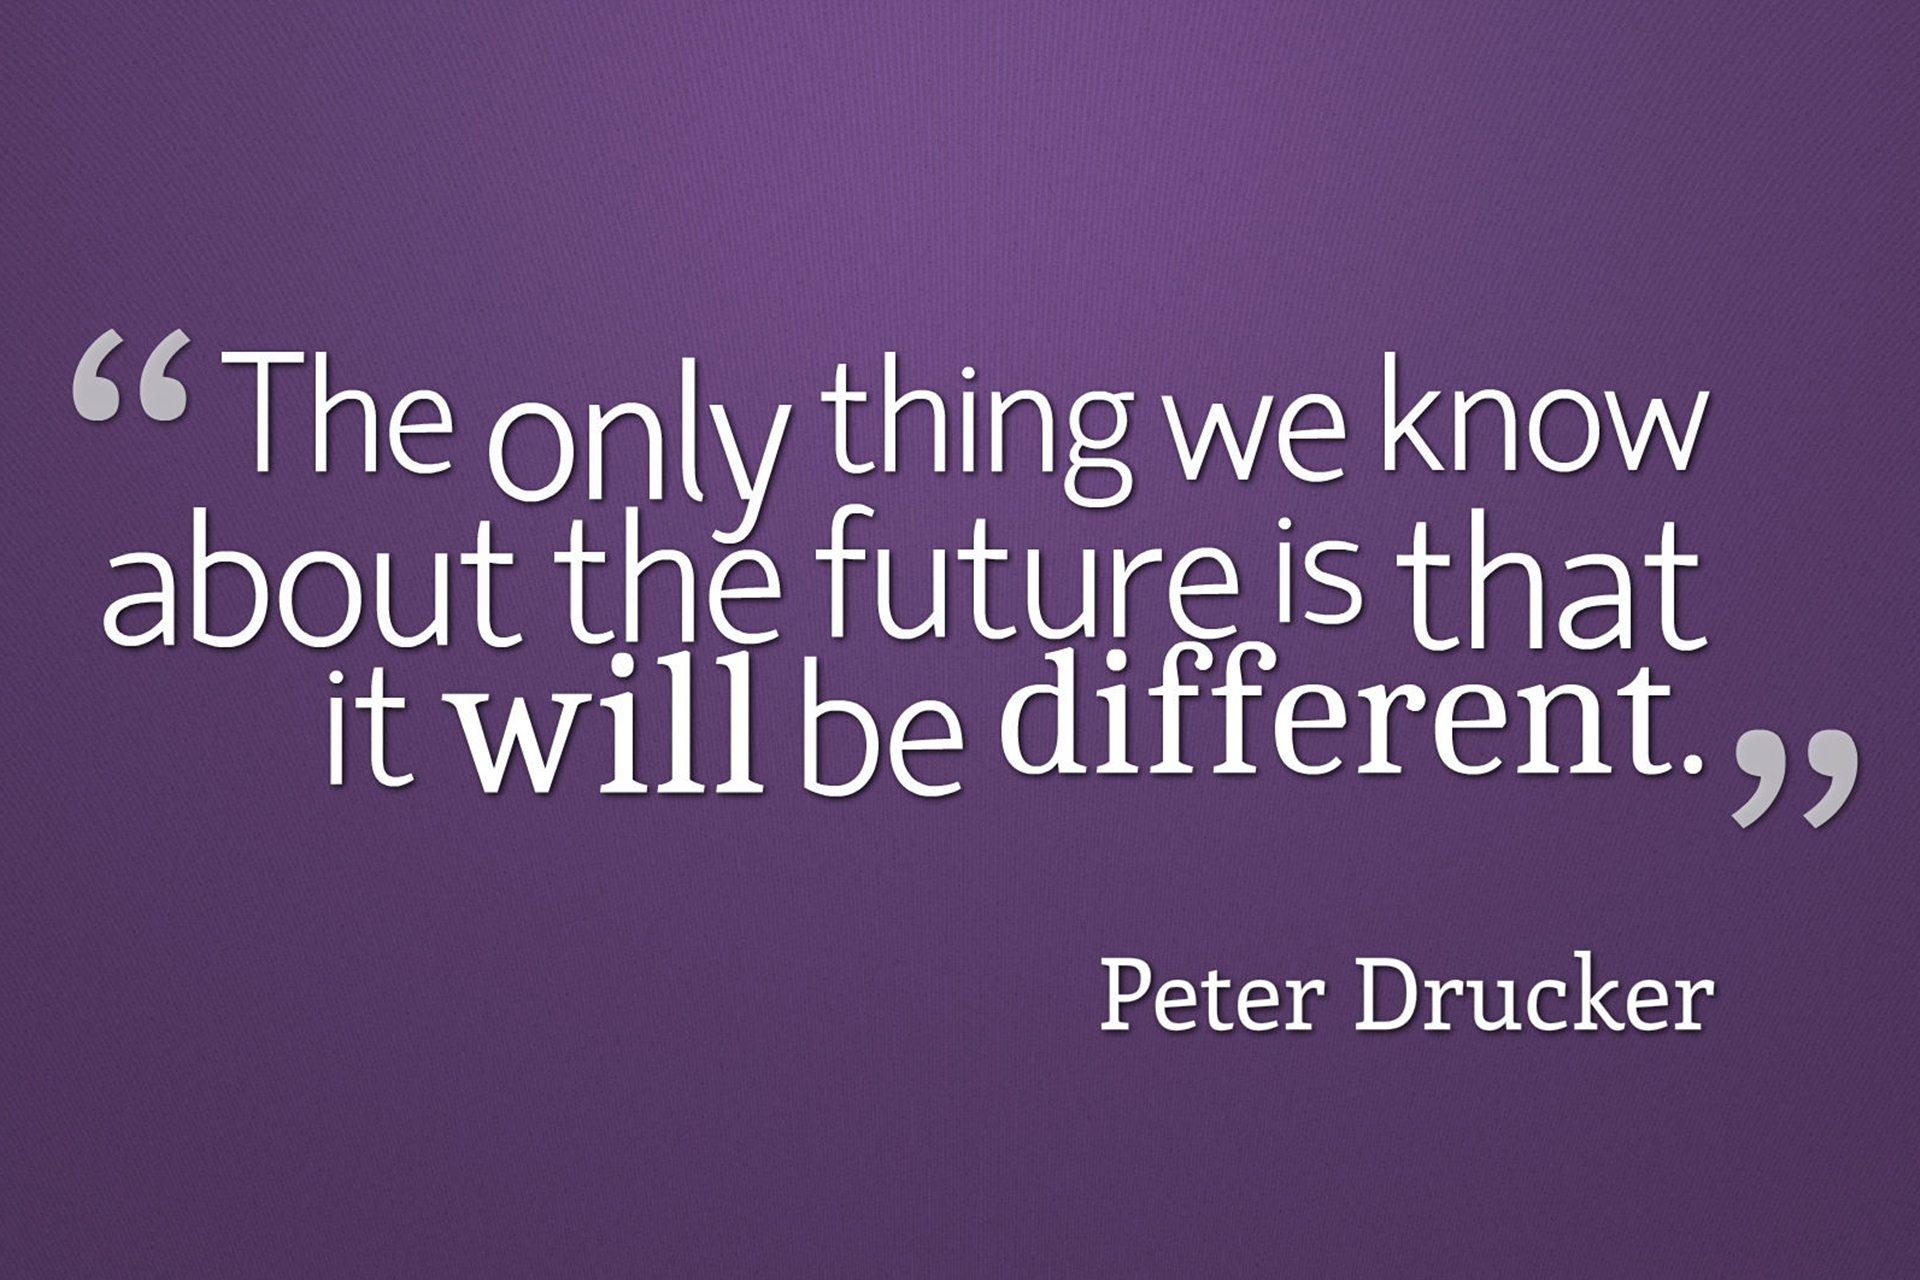 تنها چیزی که دربارهی آینده میدانیم این است که متفاوت خواهد بود.